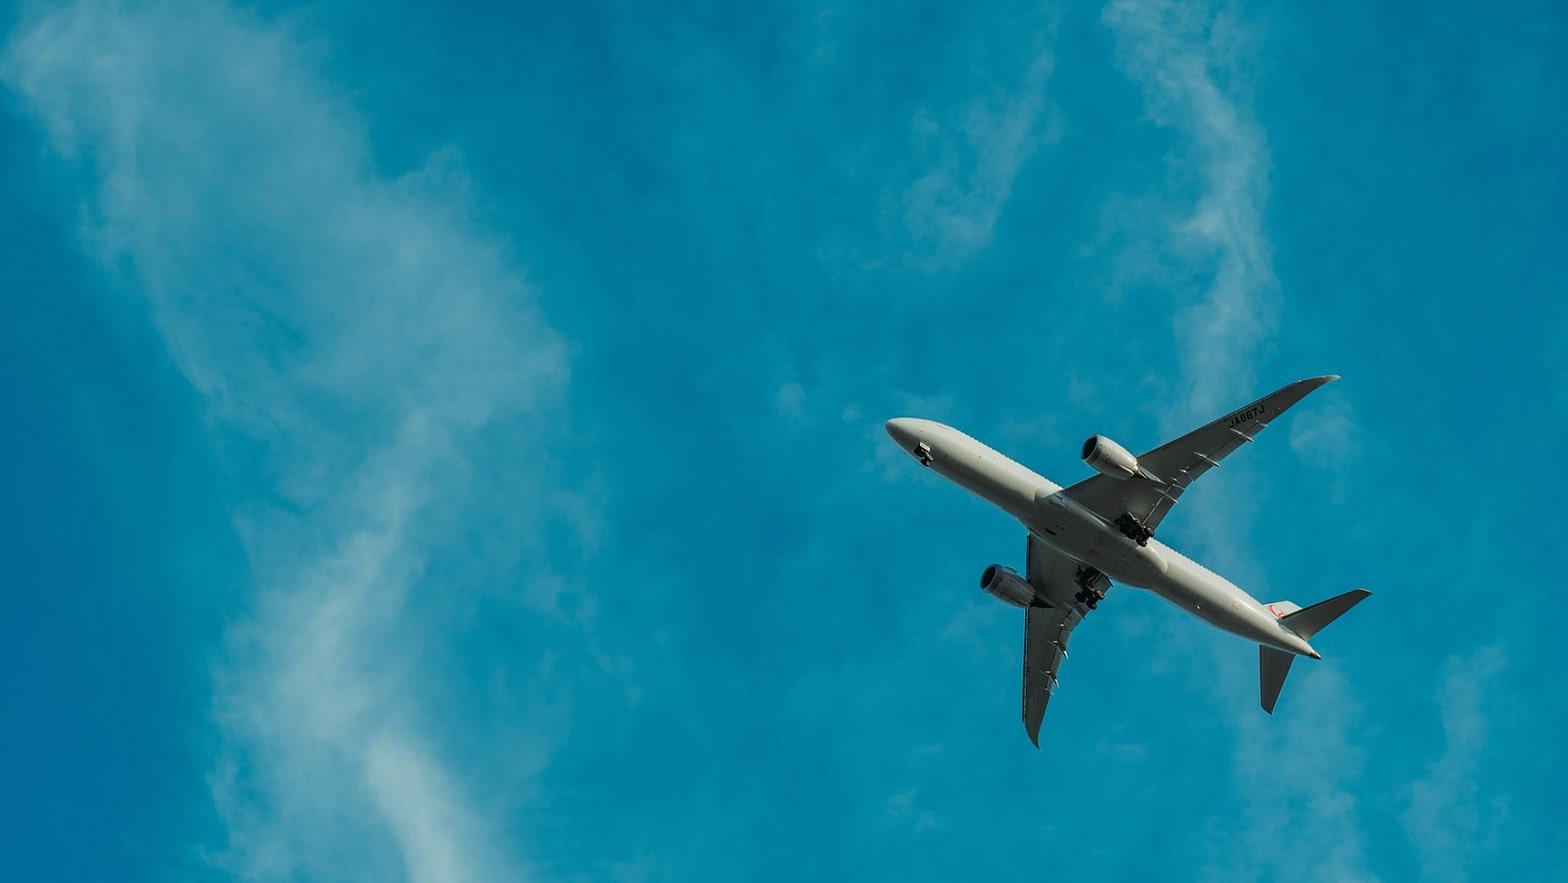 معلومات عن الرحلات المتوجهة من الرياض الى الباحة